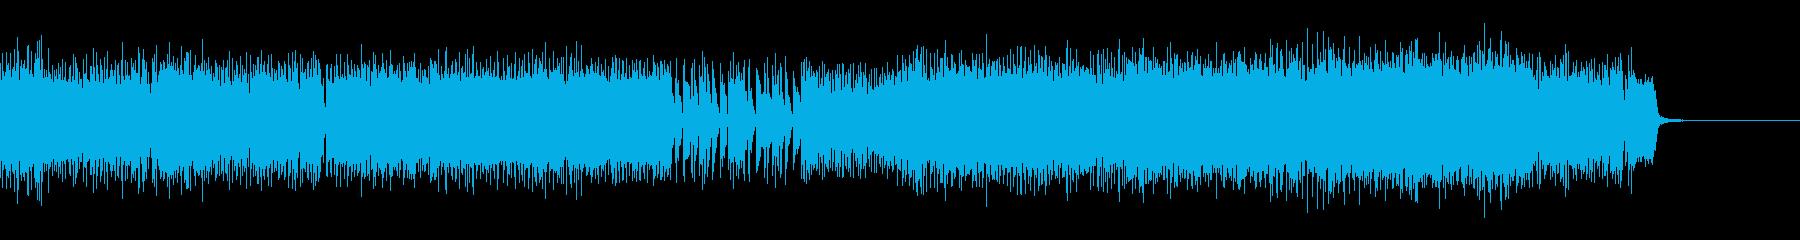 エレキギターとシンセの激しいロック_Mの再生済みの波形